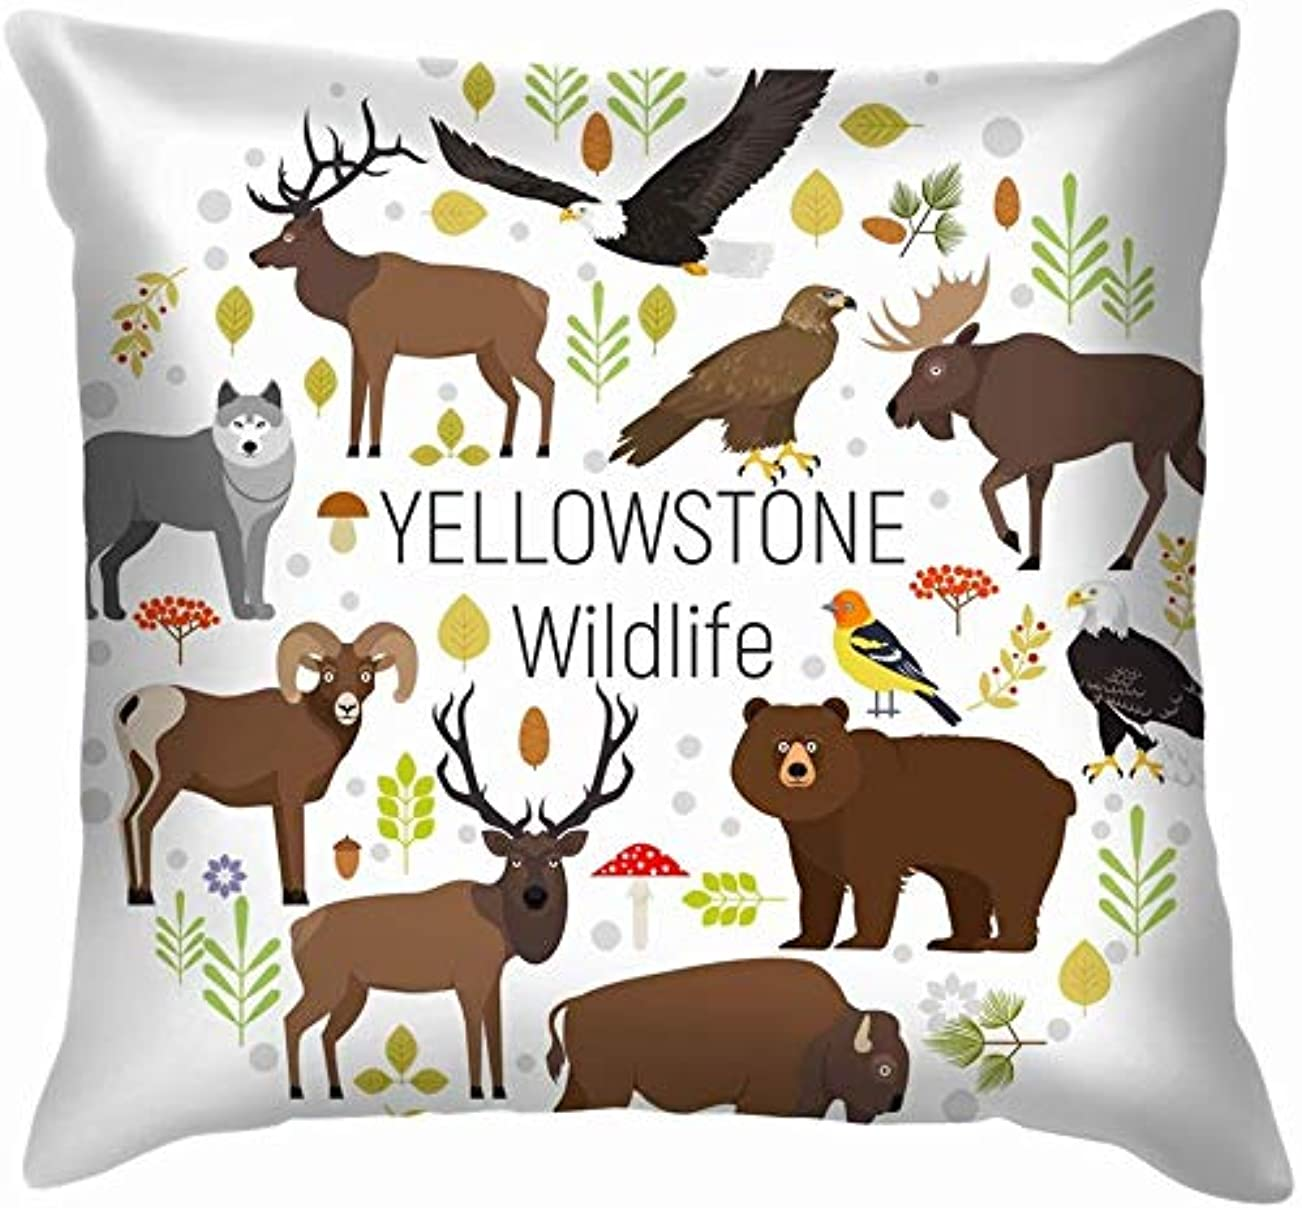 ドアミラー全部台風サークルセット植物イエローストーン国立動物野生動物ワシ投げ枕カバーホームソファクッションカバー枕カバーギフト45x45 cm